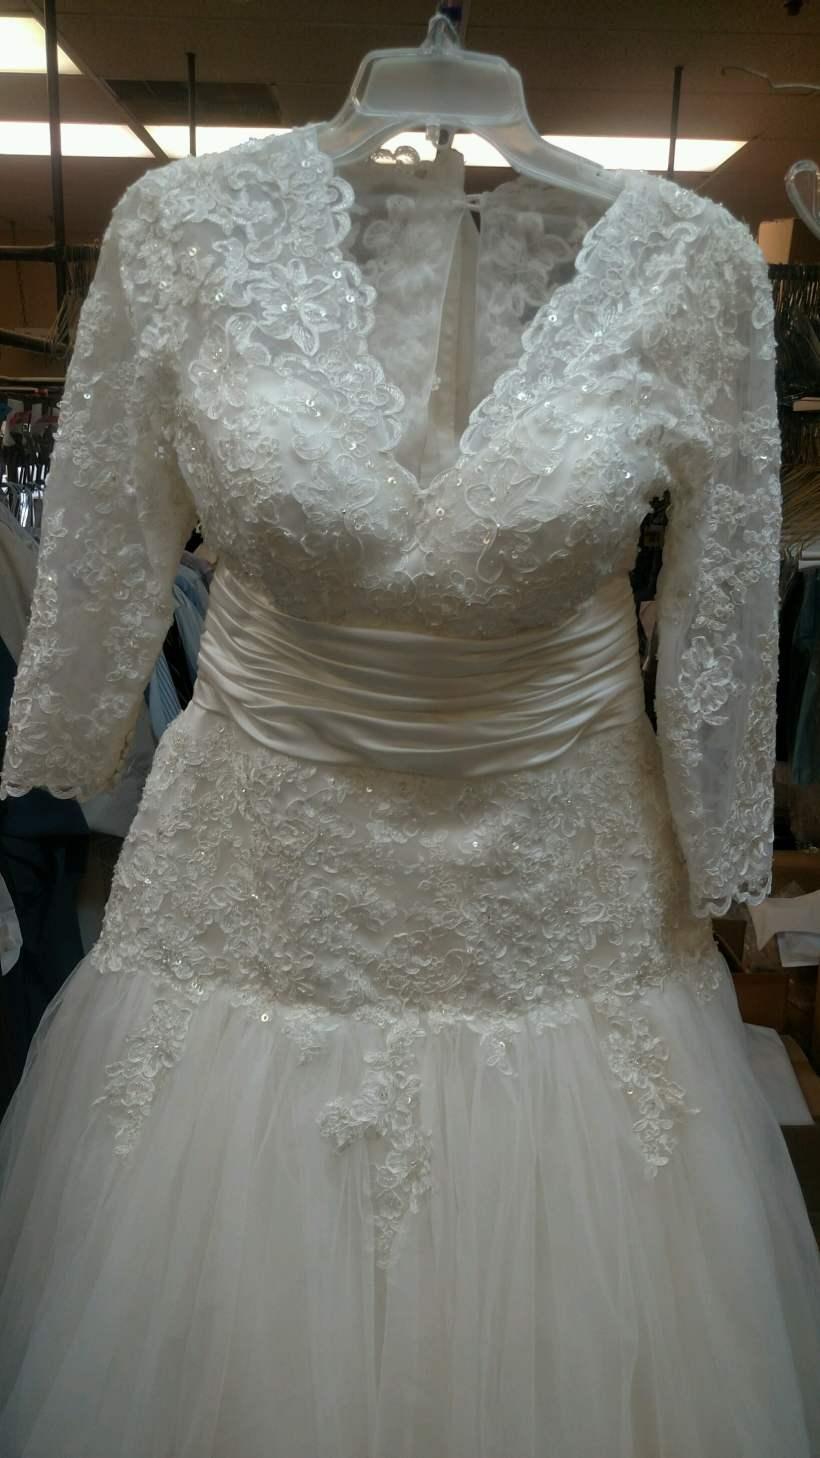 Wedding Dress Preservation Chicago Suburbs | deweddingjpg.com